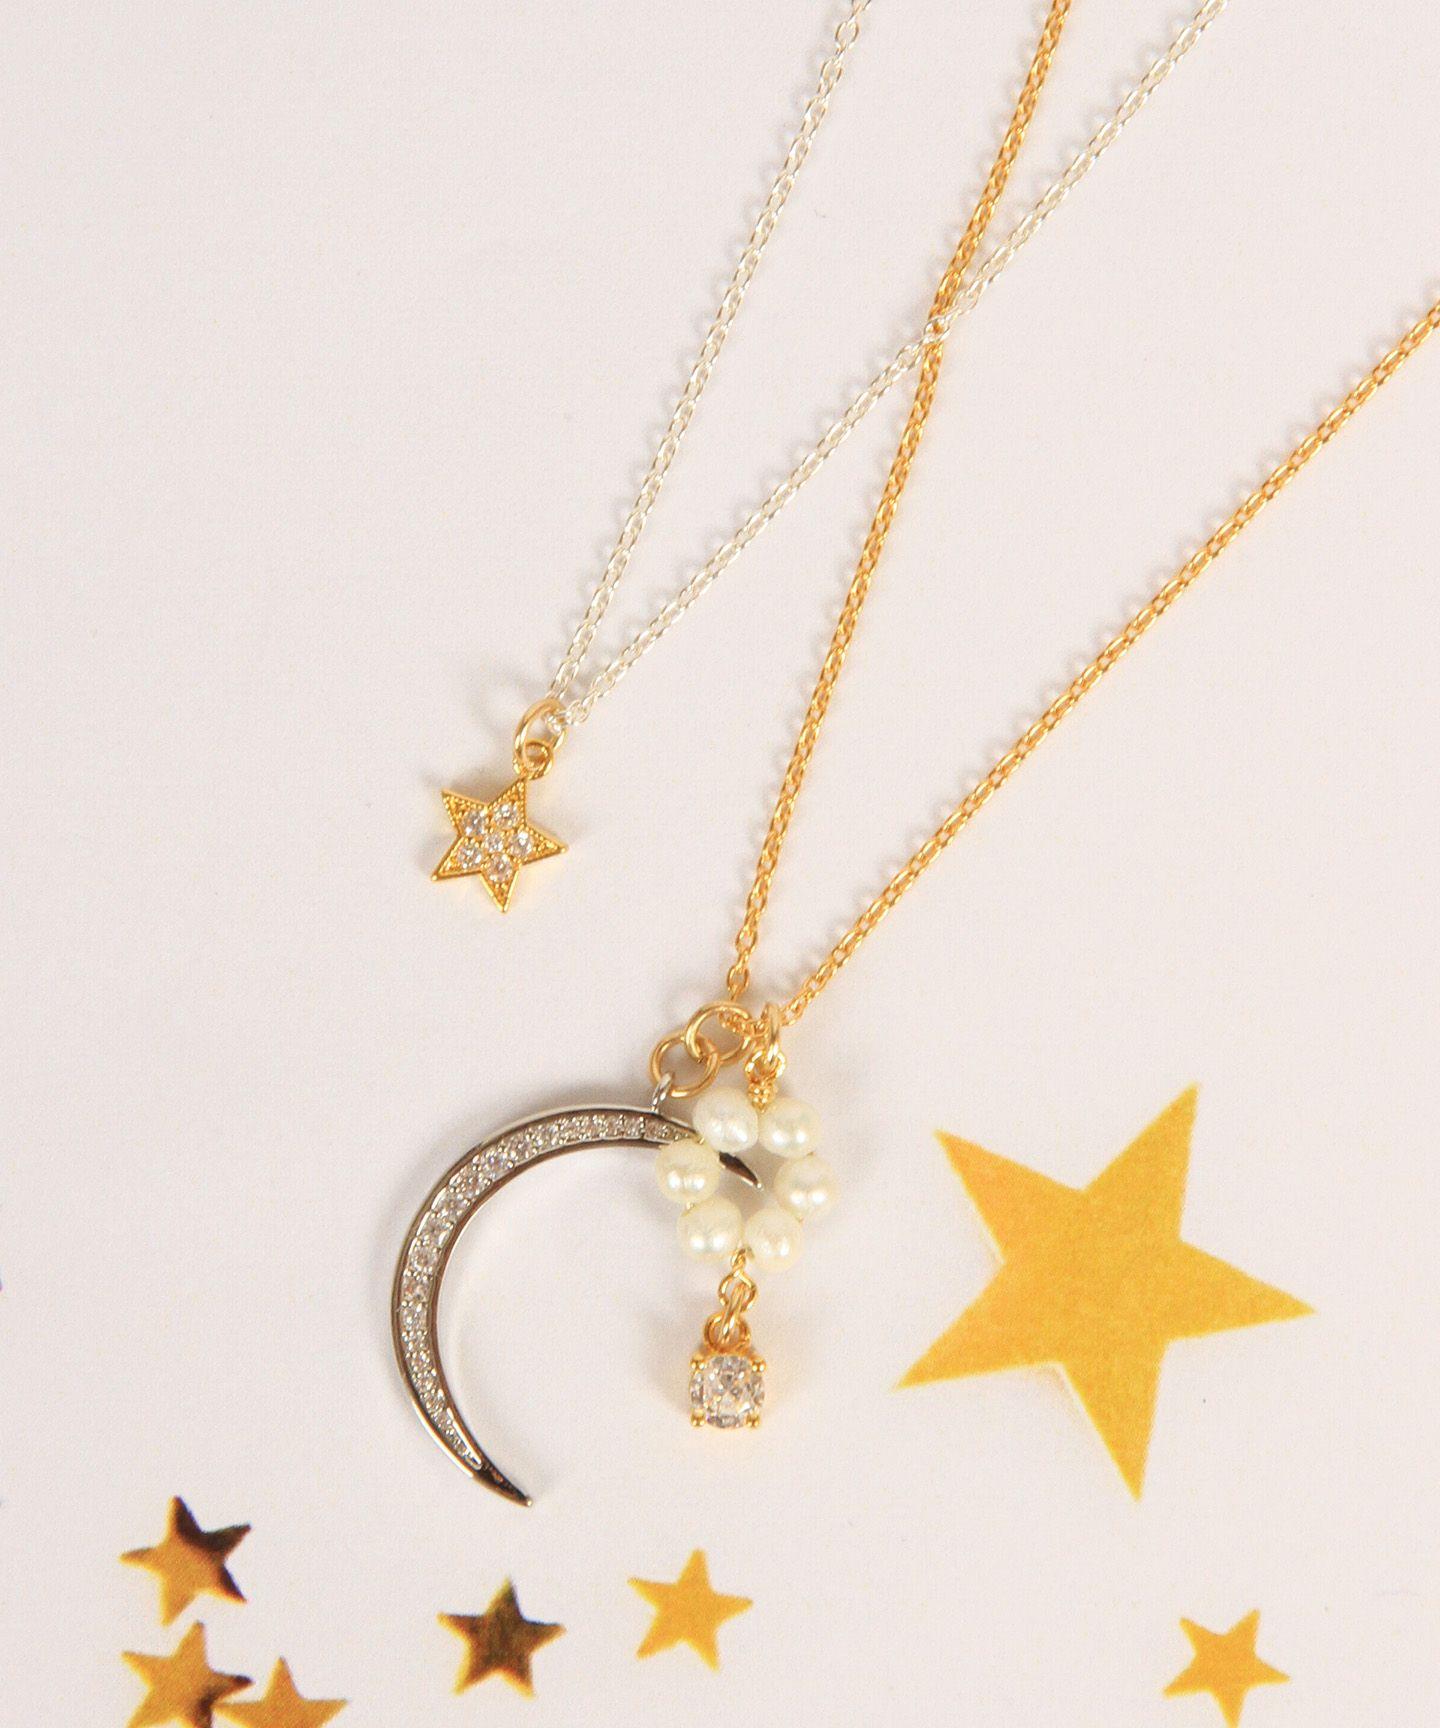 WYTHE CHARM(ワイスチャーム)/【ゴールド×シルバー】K14GF 月星淡水パール2連ネックレス